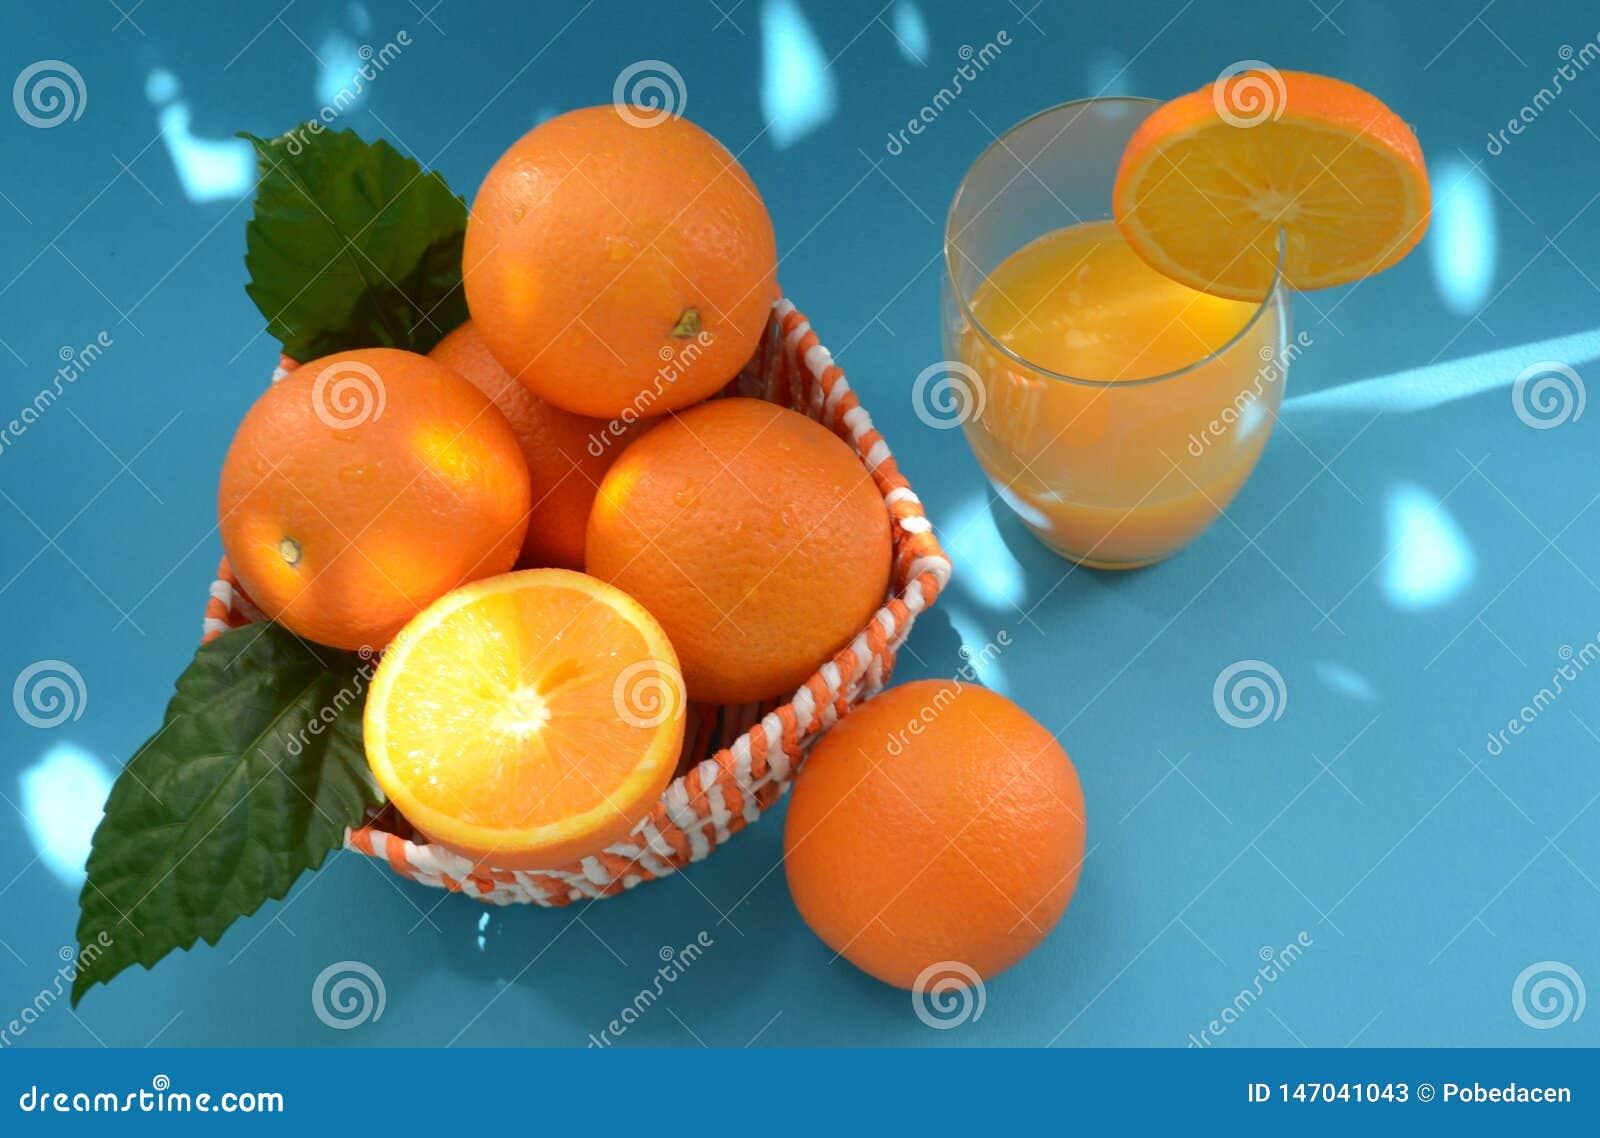 Le arance ed hanno schiacciato di recente il succo d arancia su un fondo blu con i punti culminanti luminosi del sole